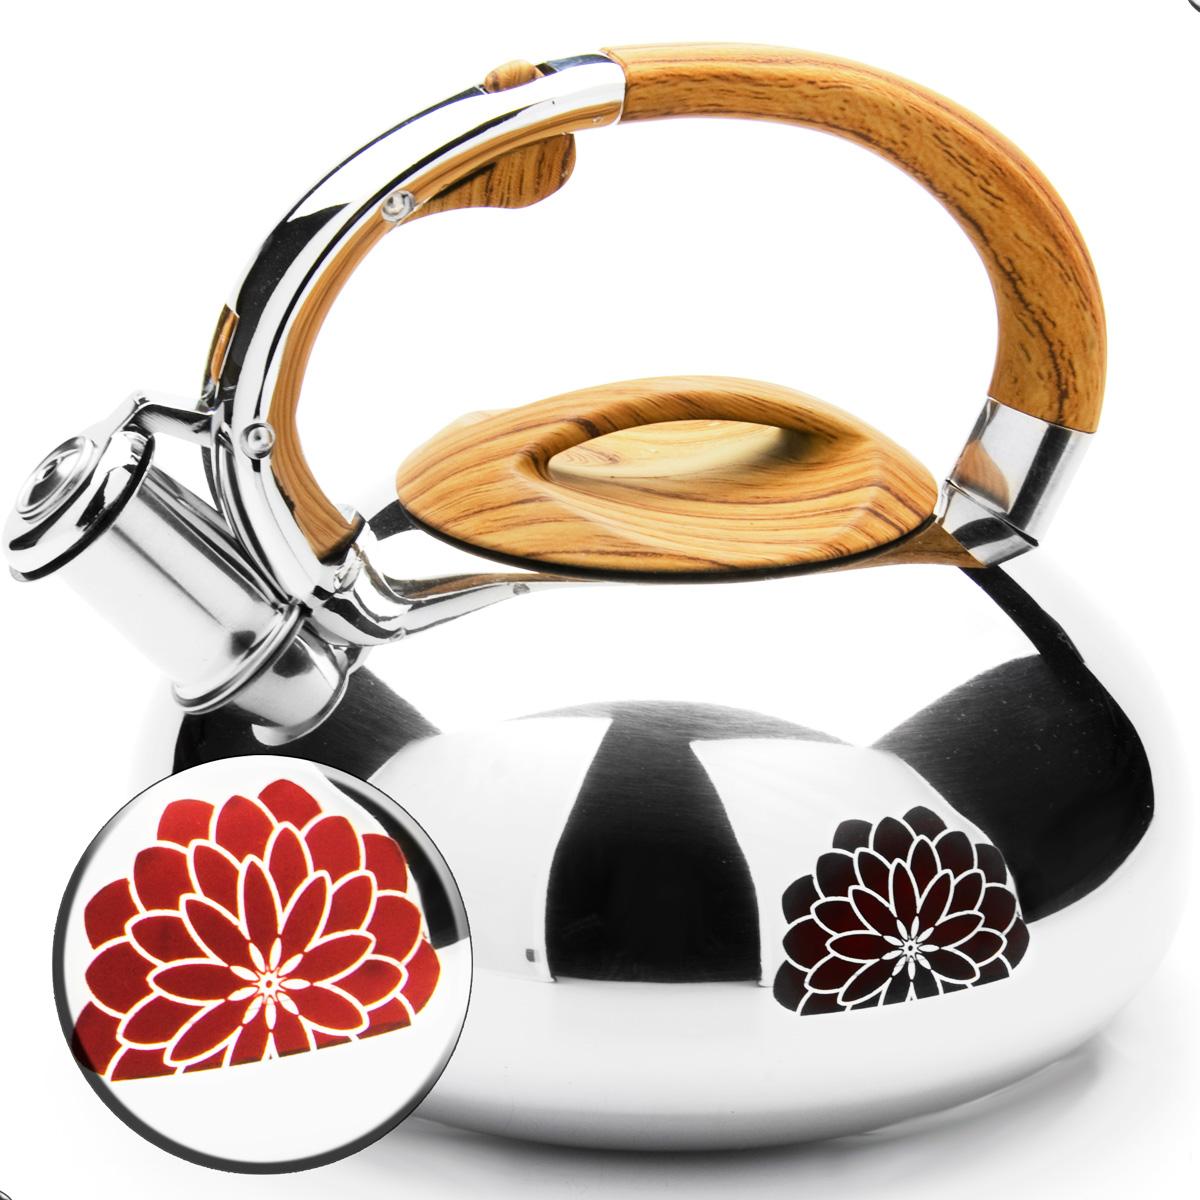 Чайник Mayer & Boch, со свистком, цвет: коричневый, 2,9 л. 2359023590Чайник Mayer & Boch выполнен из зеркальной нержавеющей стали высокой прочности. Чайник оснащен откидным свистком, который громко оповестит о закипании воды. Удобная эргономичная ручка и крышка выполнены из нейлона. Такой чайник идеально впишется в интерьер любой кухни и станет замечательным подарком к любому случаю. Подходит для всех типов плит, включая индукционные. Можно мыть в посудомоечной машине.